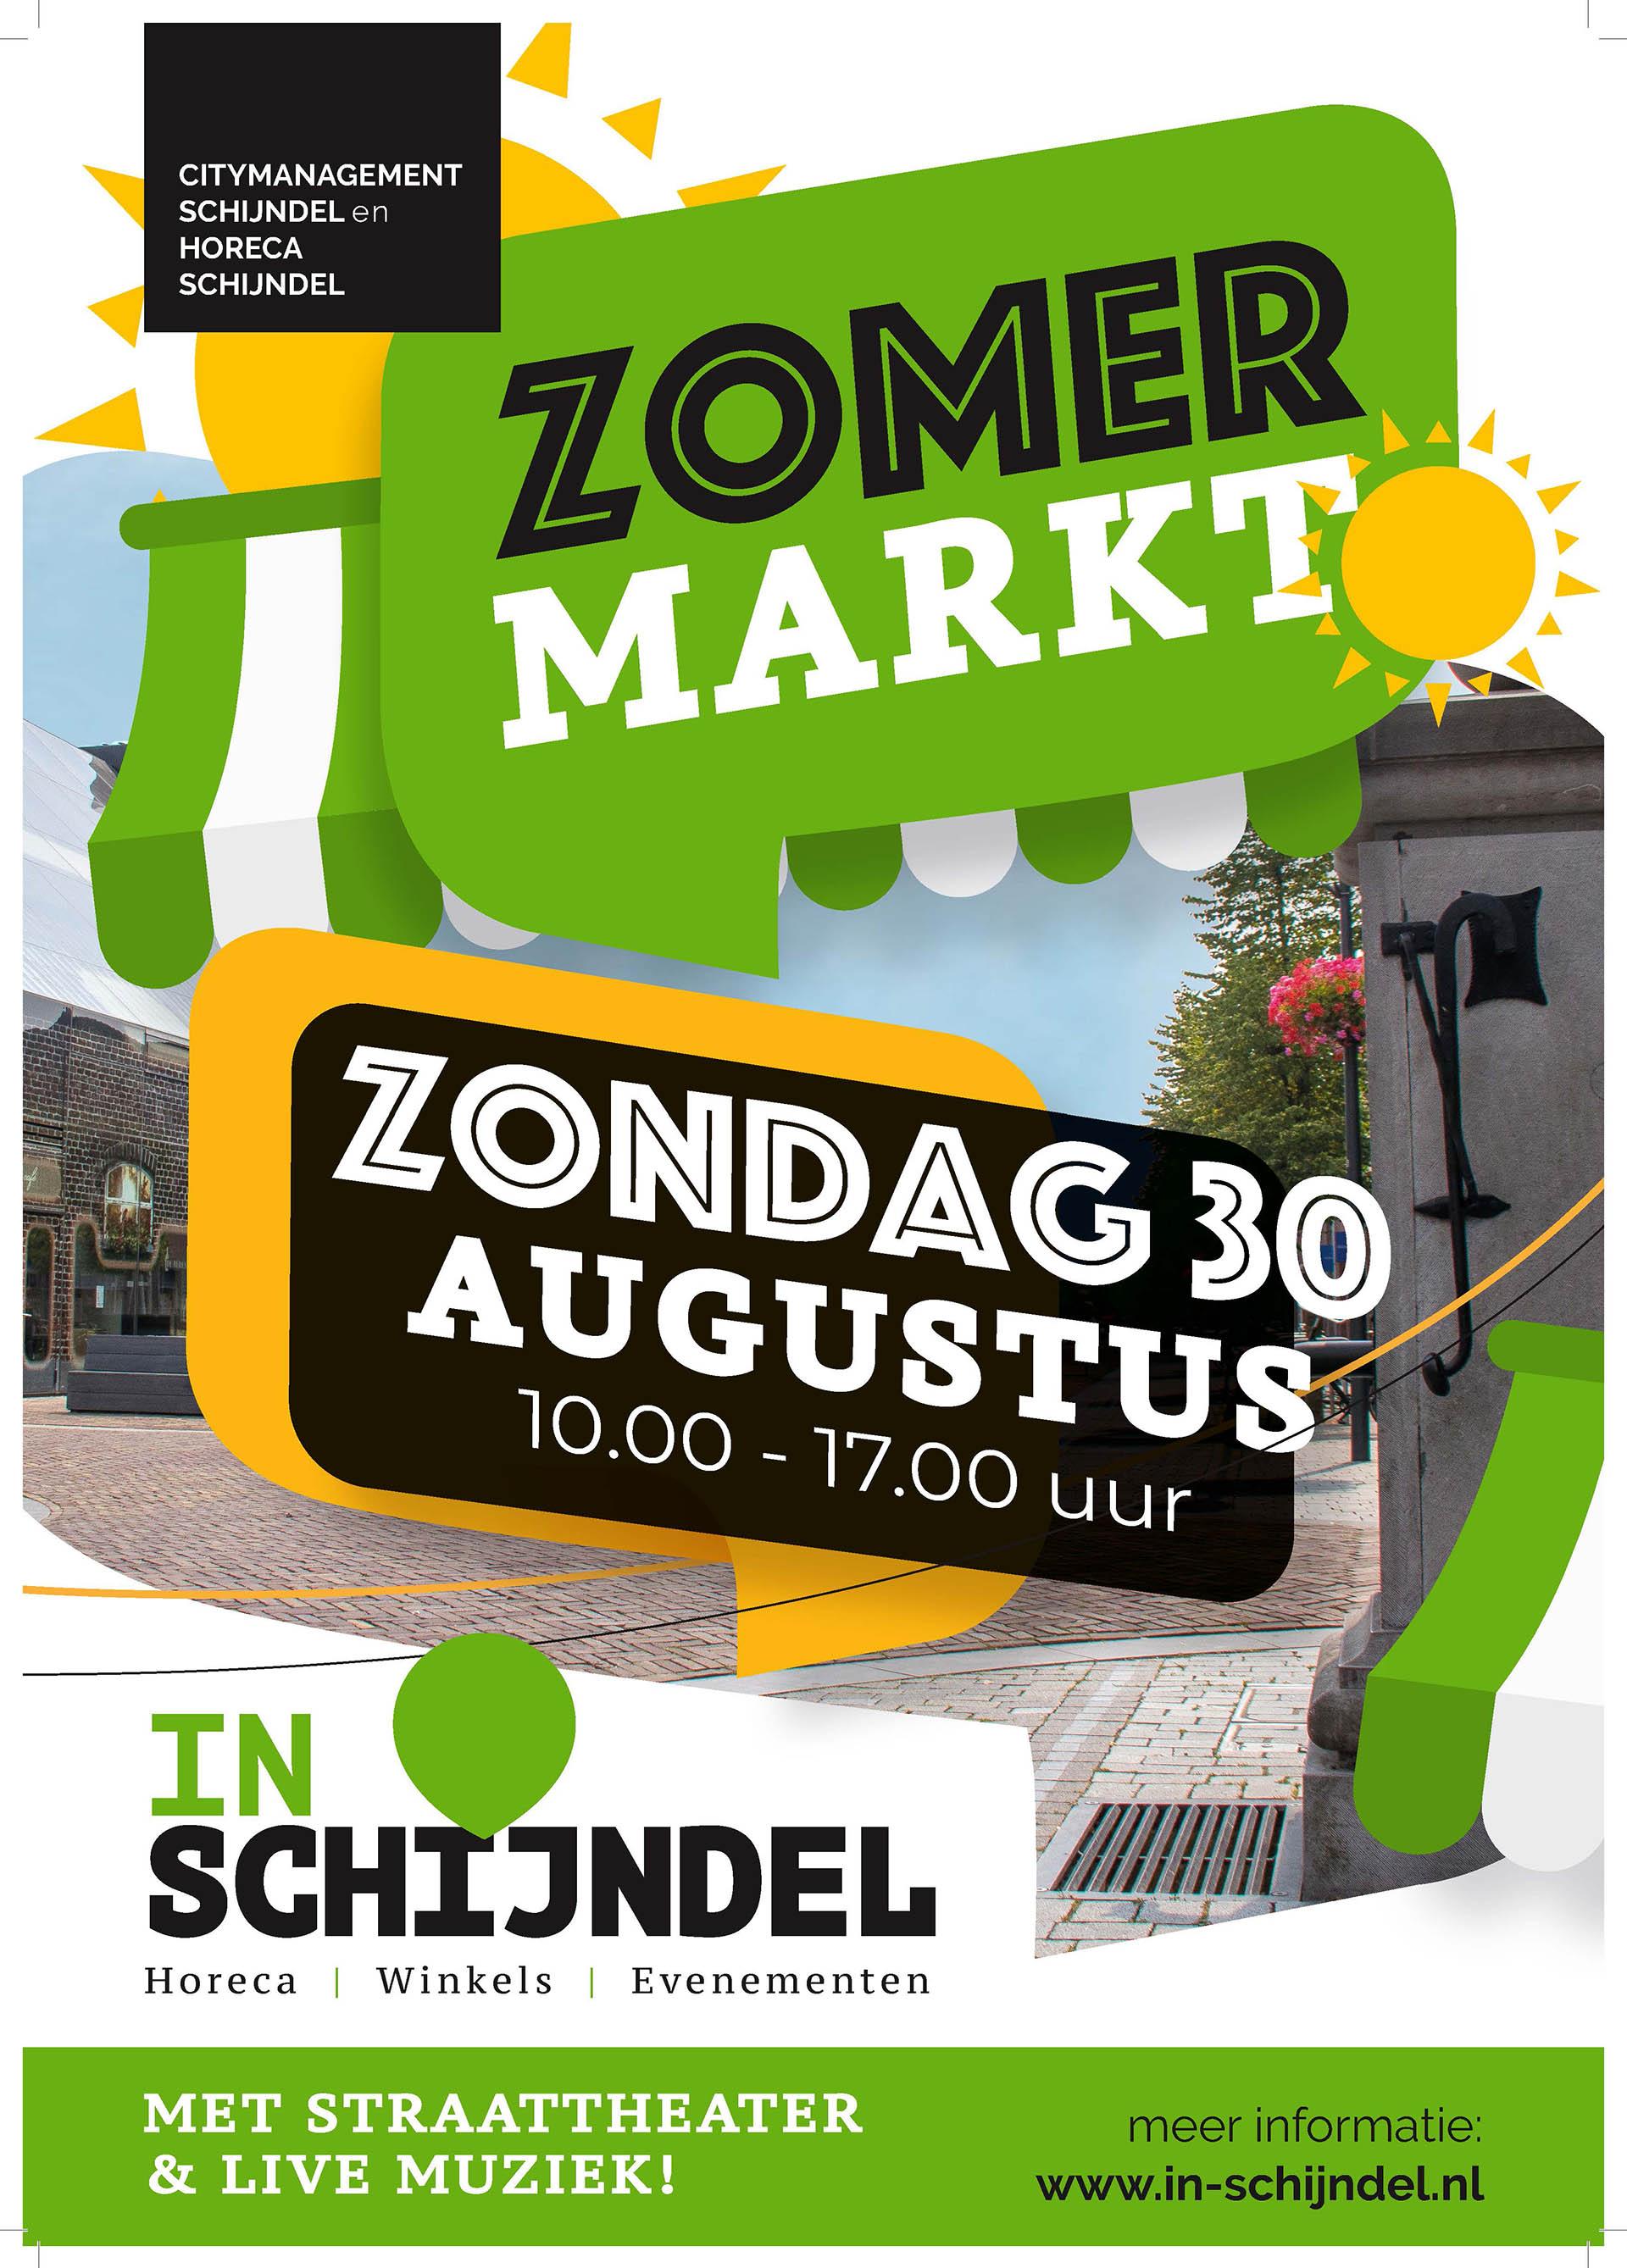 In schijndel zomermarkt citymanageement